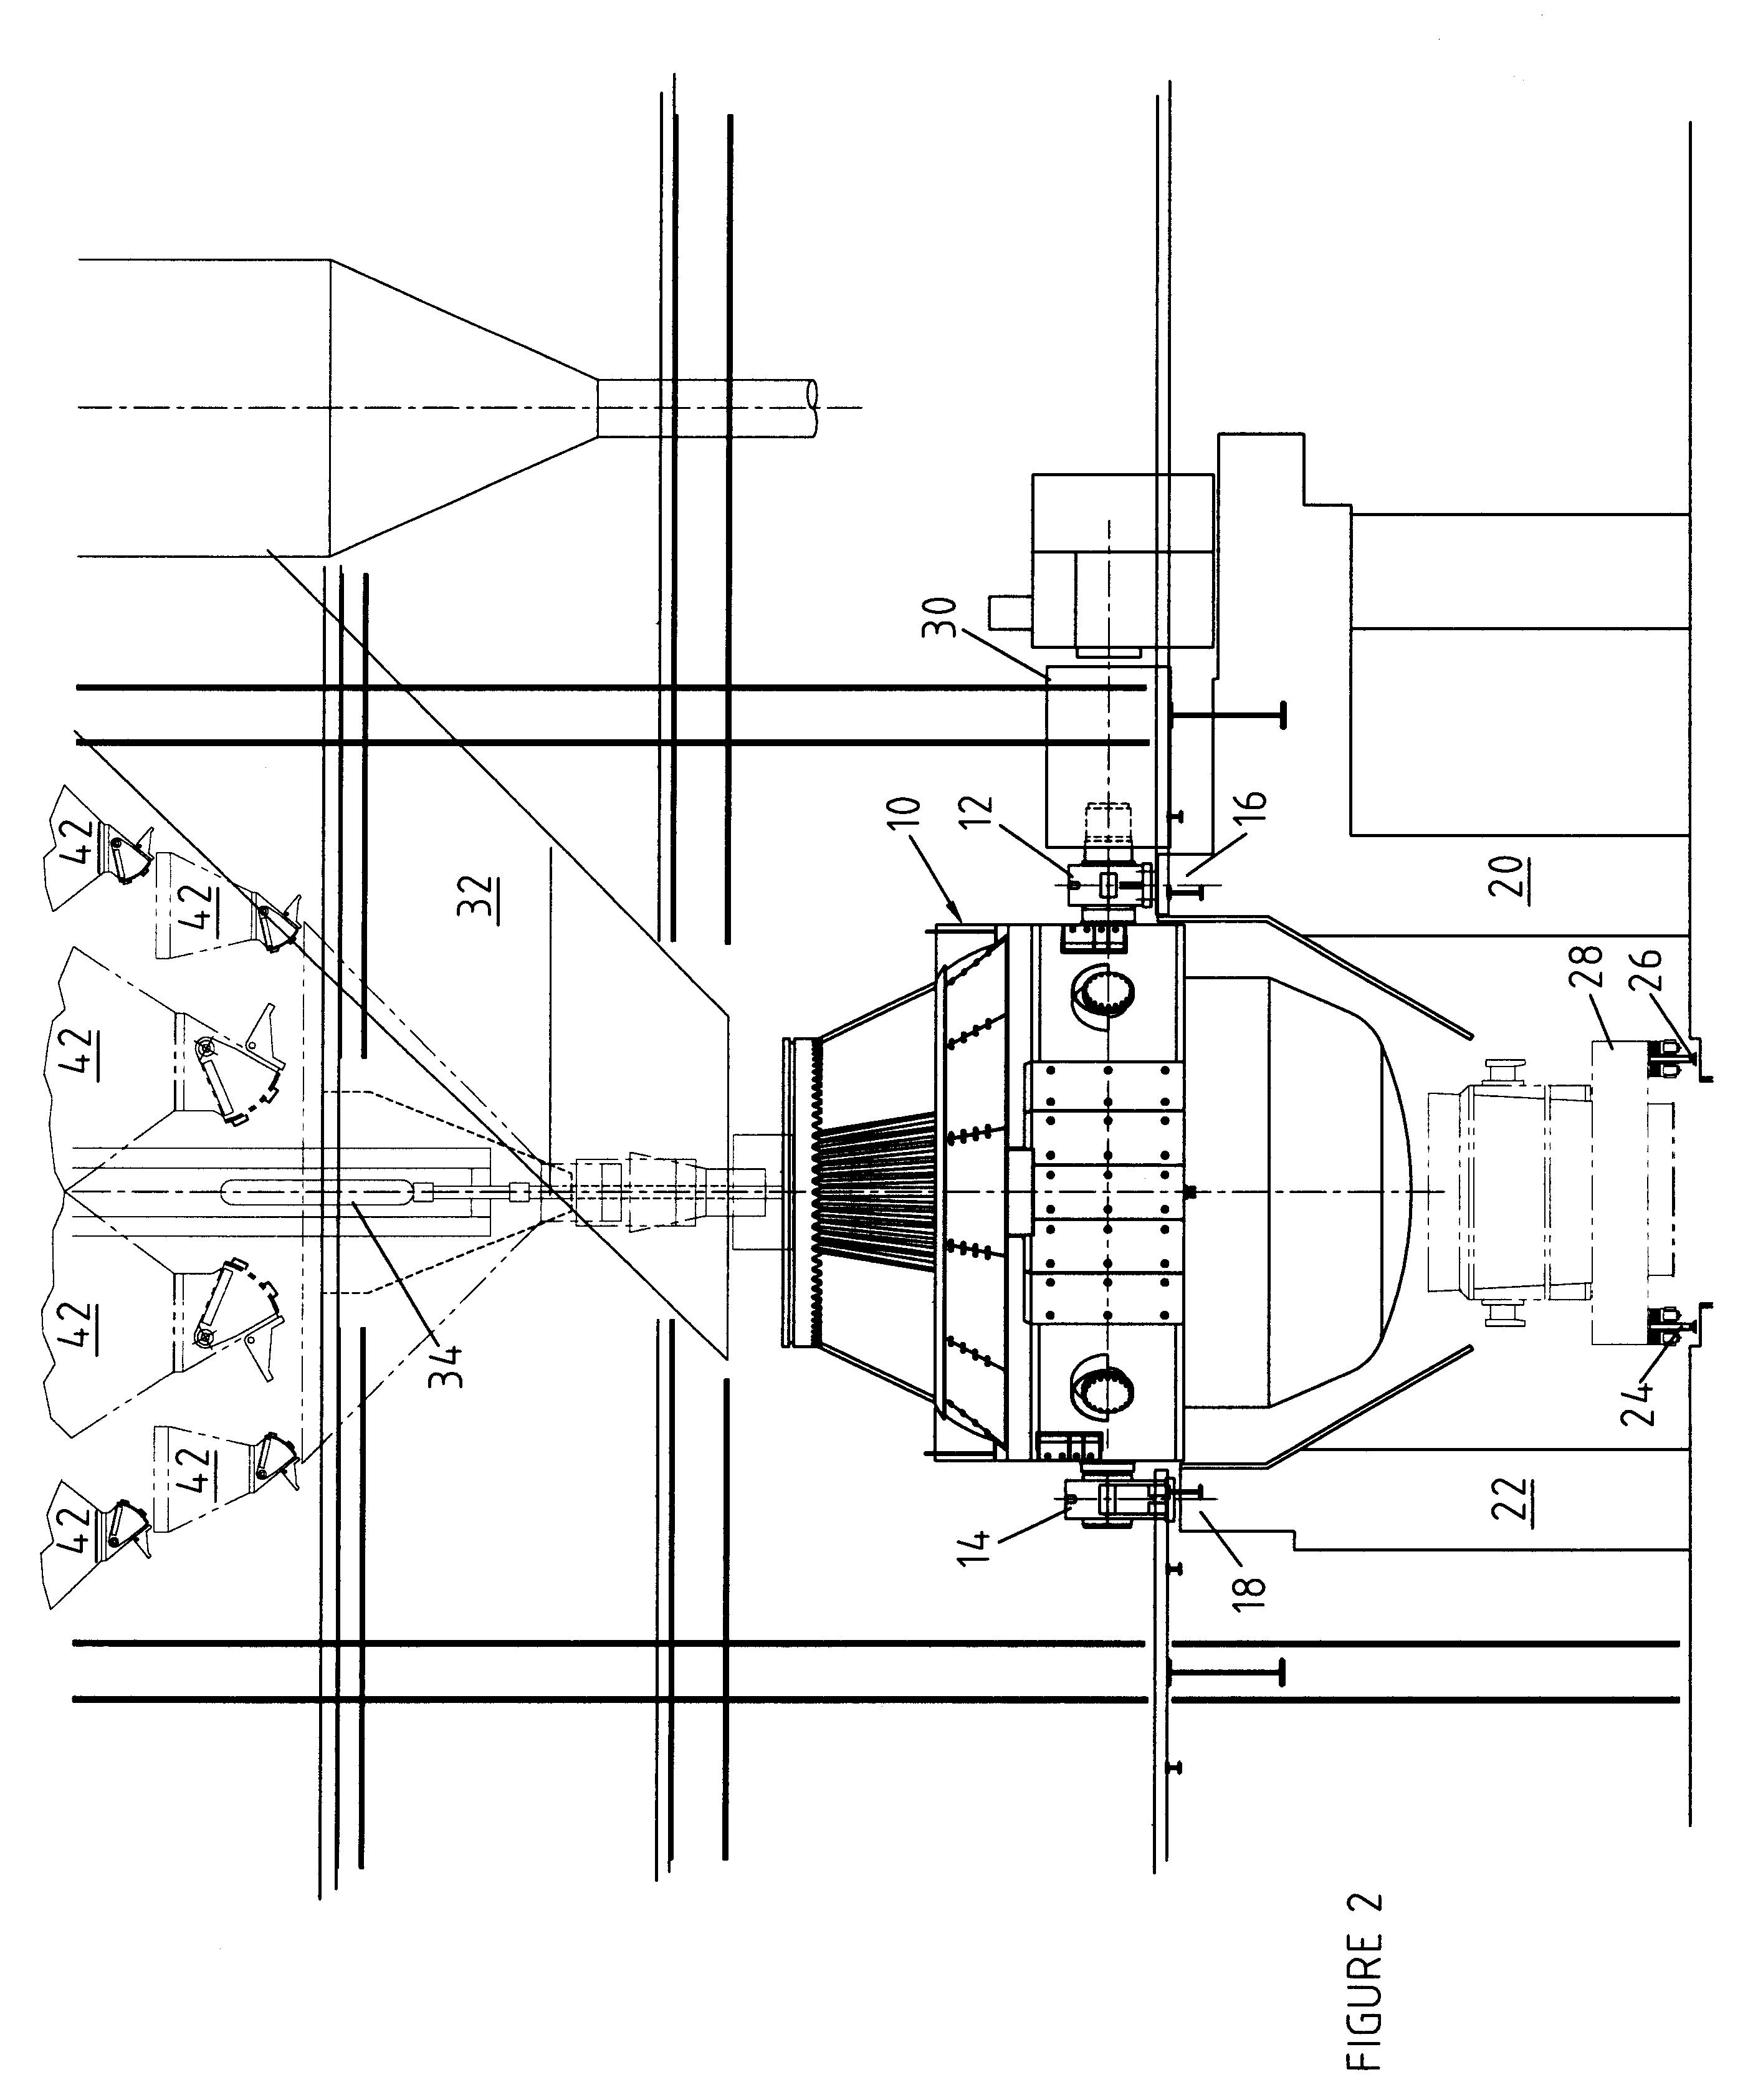 Patent Us6521170